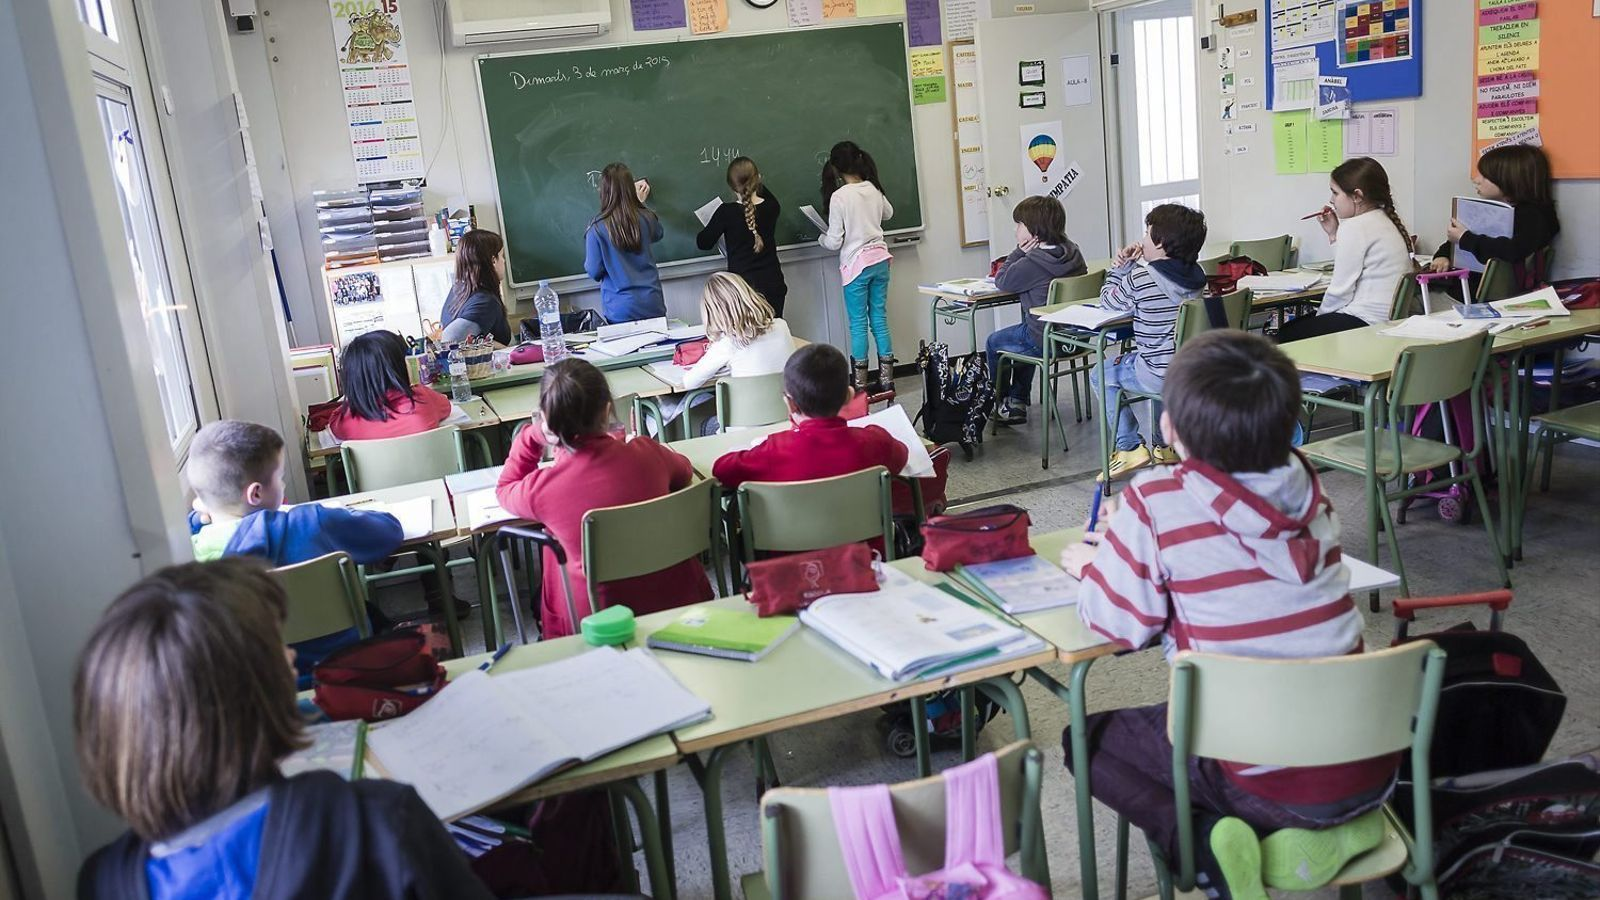 Els docents de secundària reduiran una hora lectiva el proper curs 2018-2019